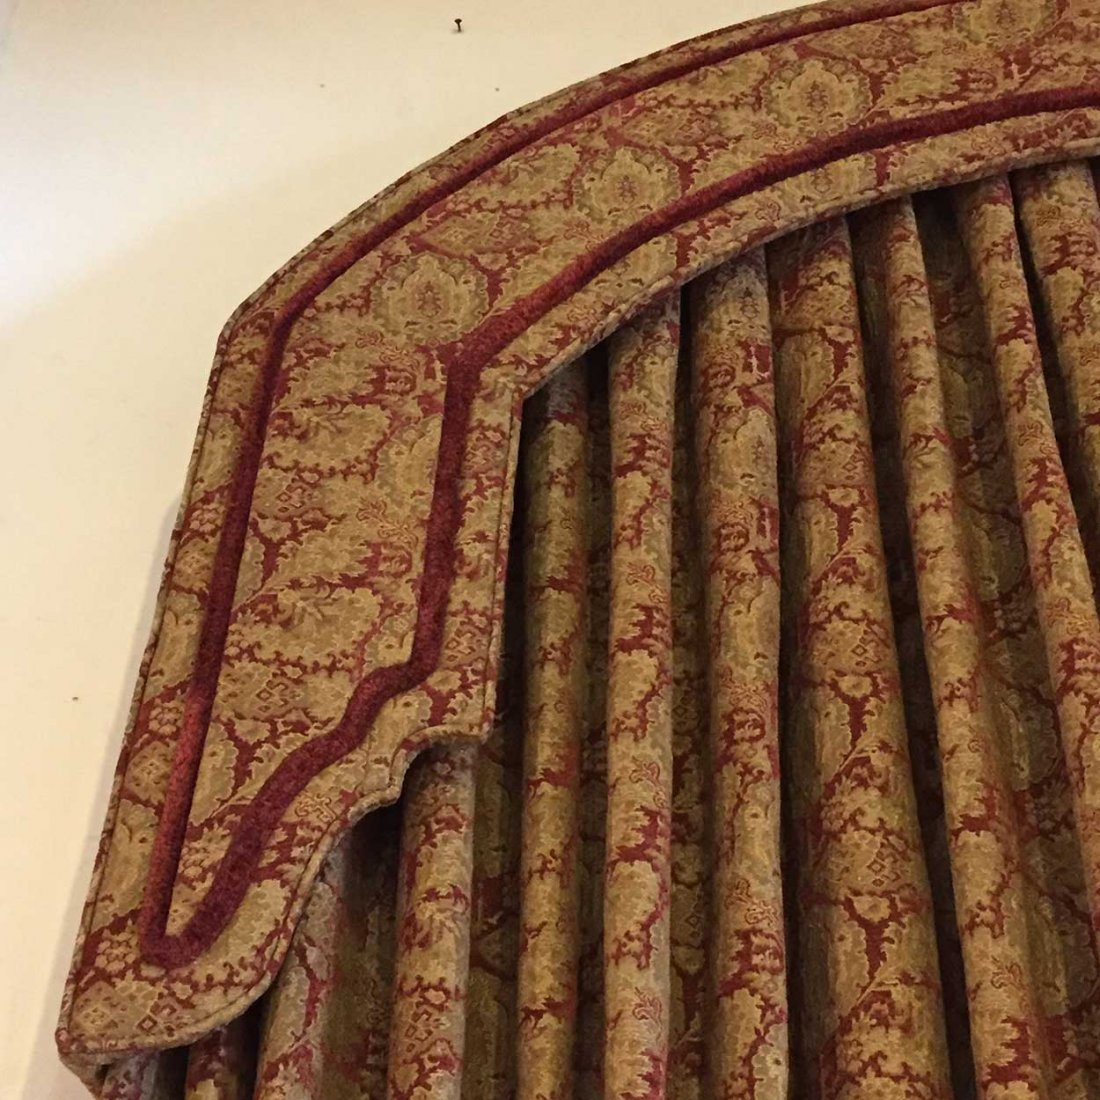 Custom Curtains and Valances - 2